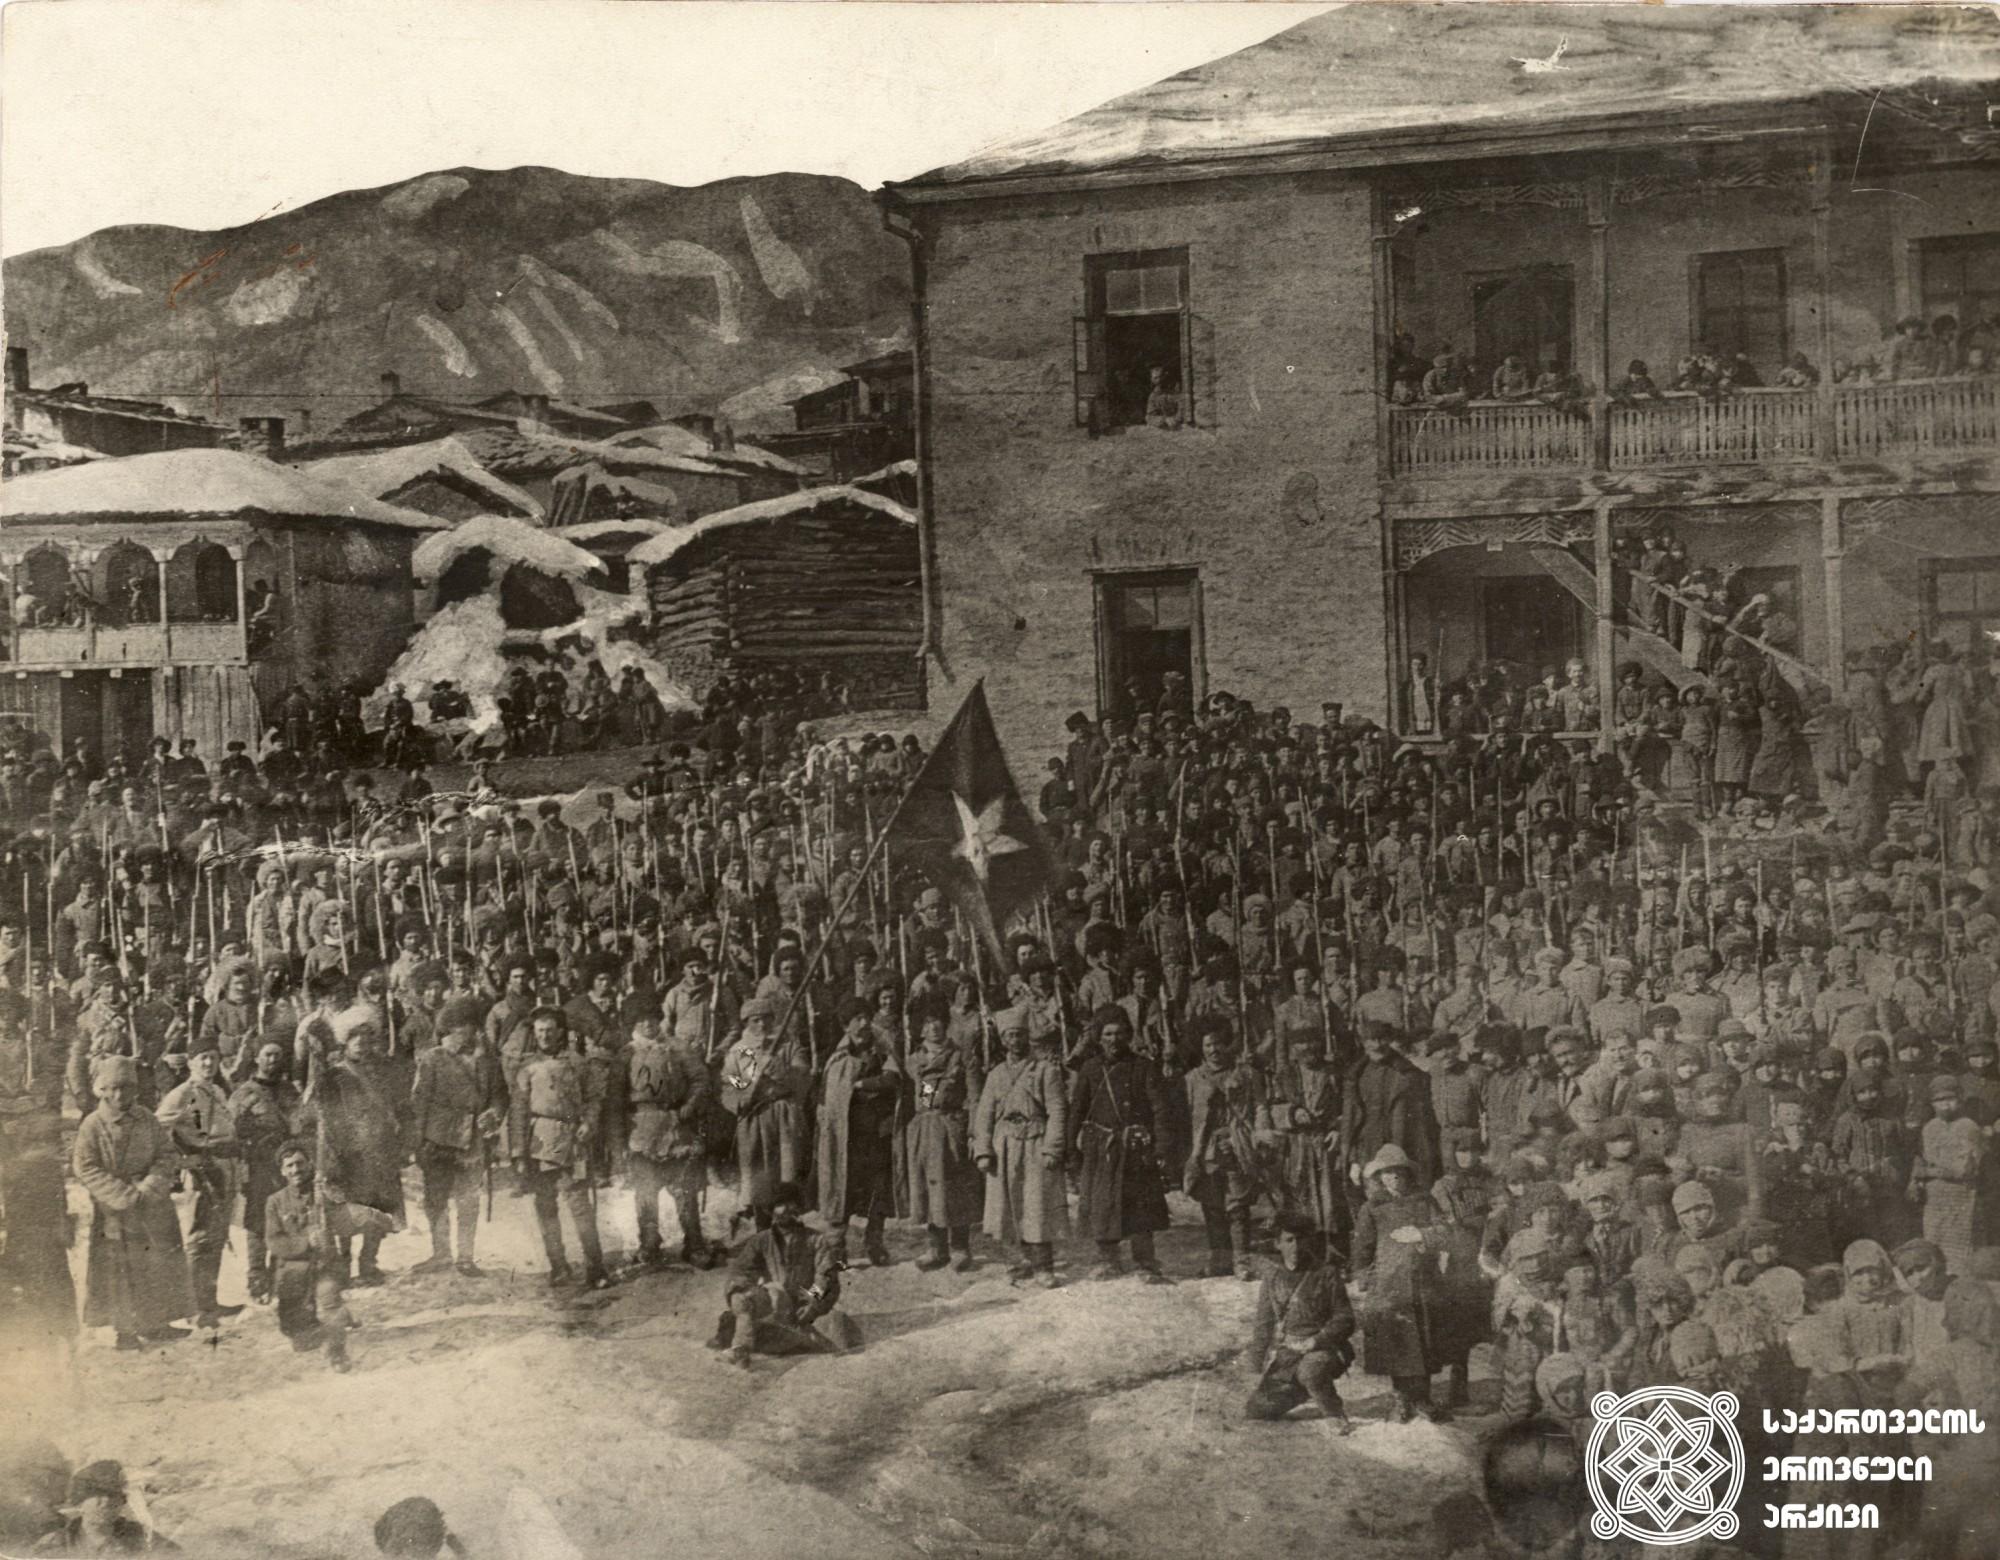 """ბოლშევიკ ძანდარ ტოკაევის """"დიგორის ოსური პარტიზანული რაზმი"""" რაჭის სოფელ ღების ცენტრში. <br> 1921 წლის თებერვლის ბოლო. <br>  The Digori Ossetian partisan squad of Bolshevik Dzandar Tokaev in the center of the village Ghebi in Racha. <br>  End of February, 1921."""